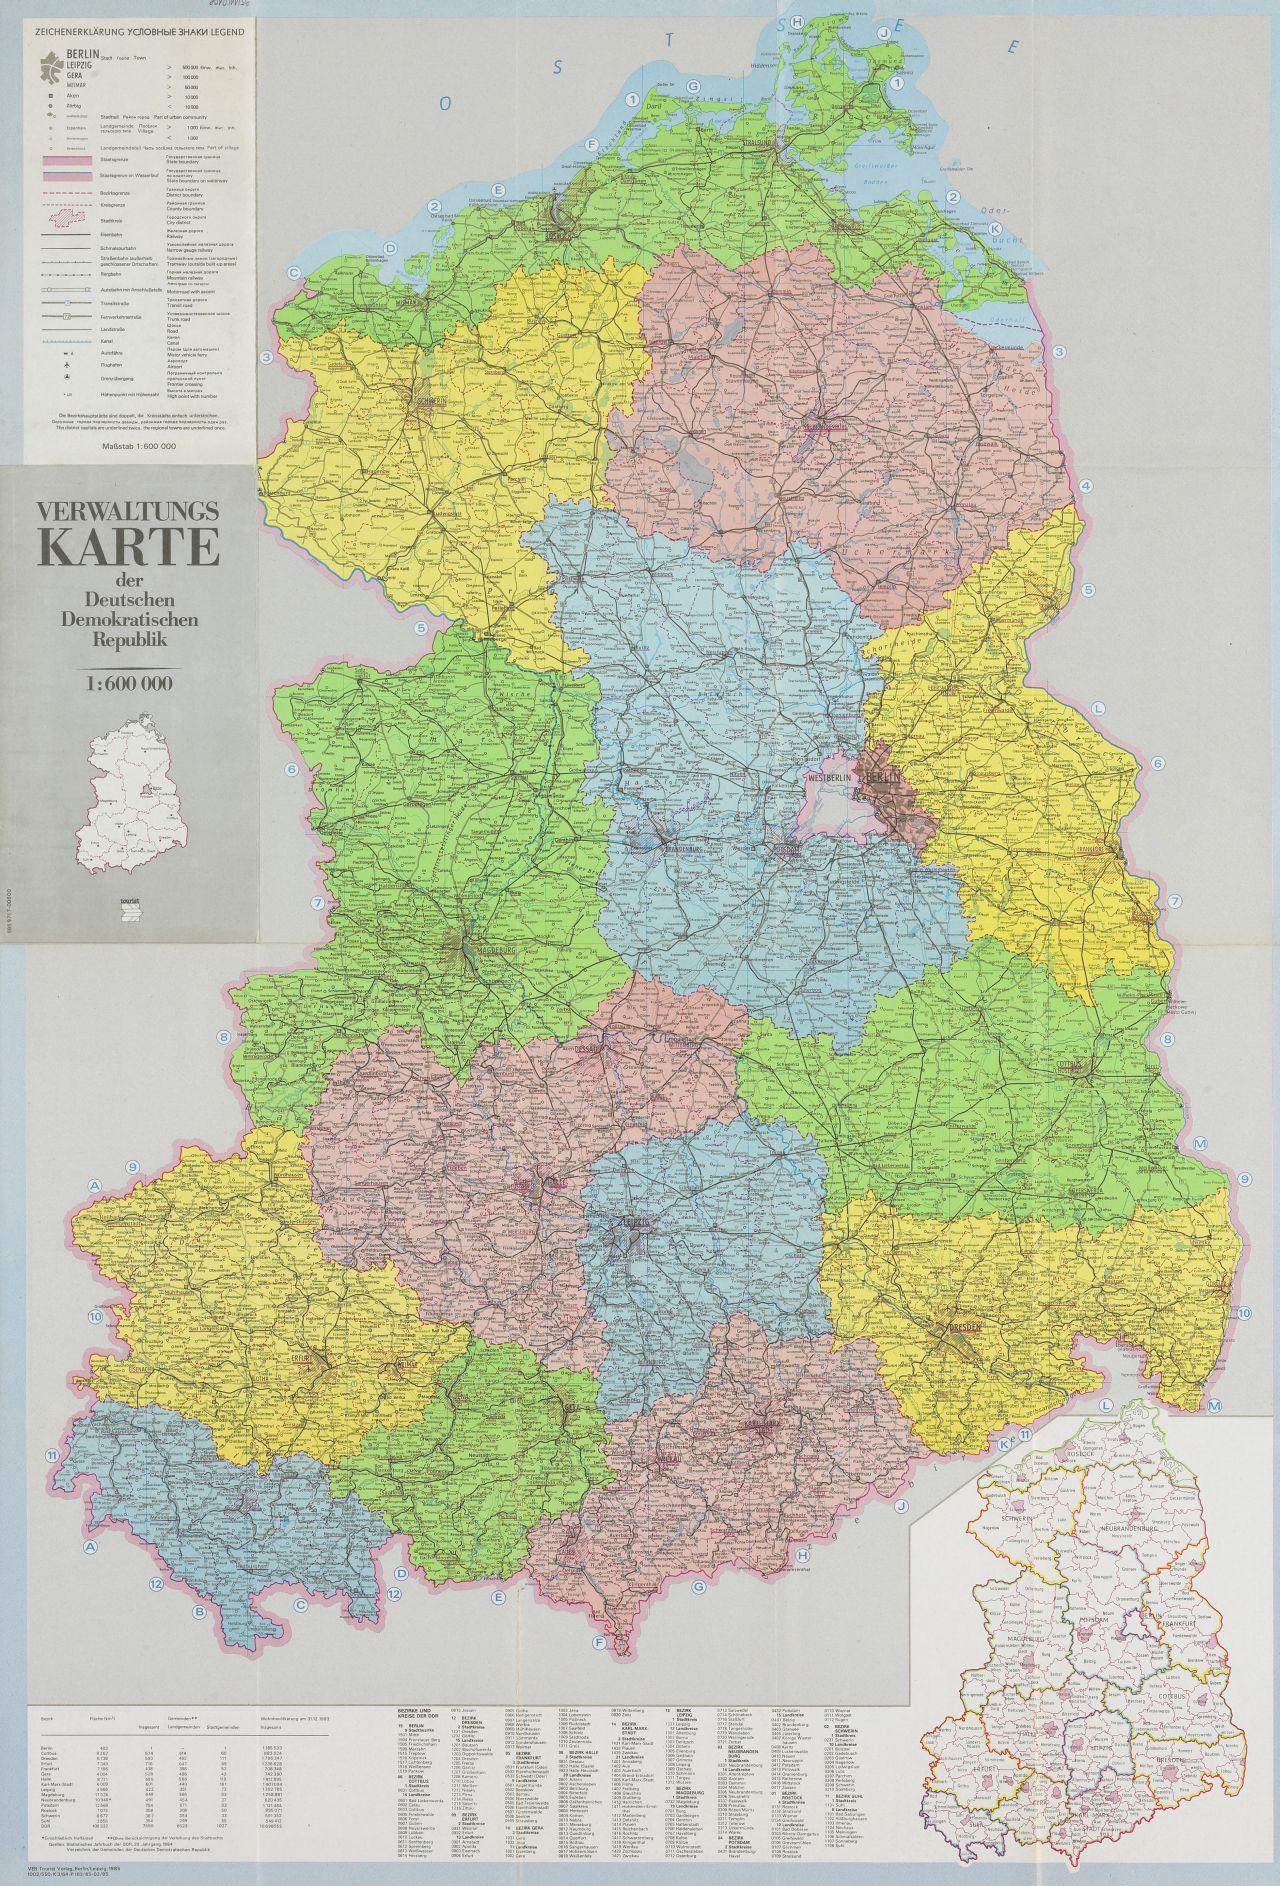 ddr landkarte LeMO Objekt: Verwaltungskarte der DDR ddr landkarte